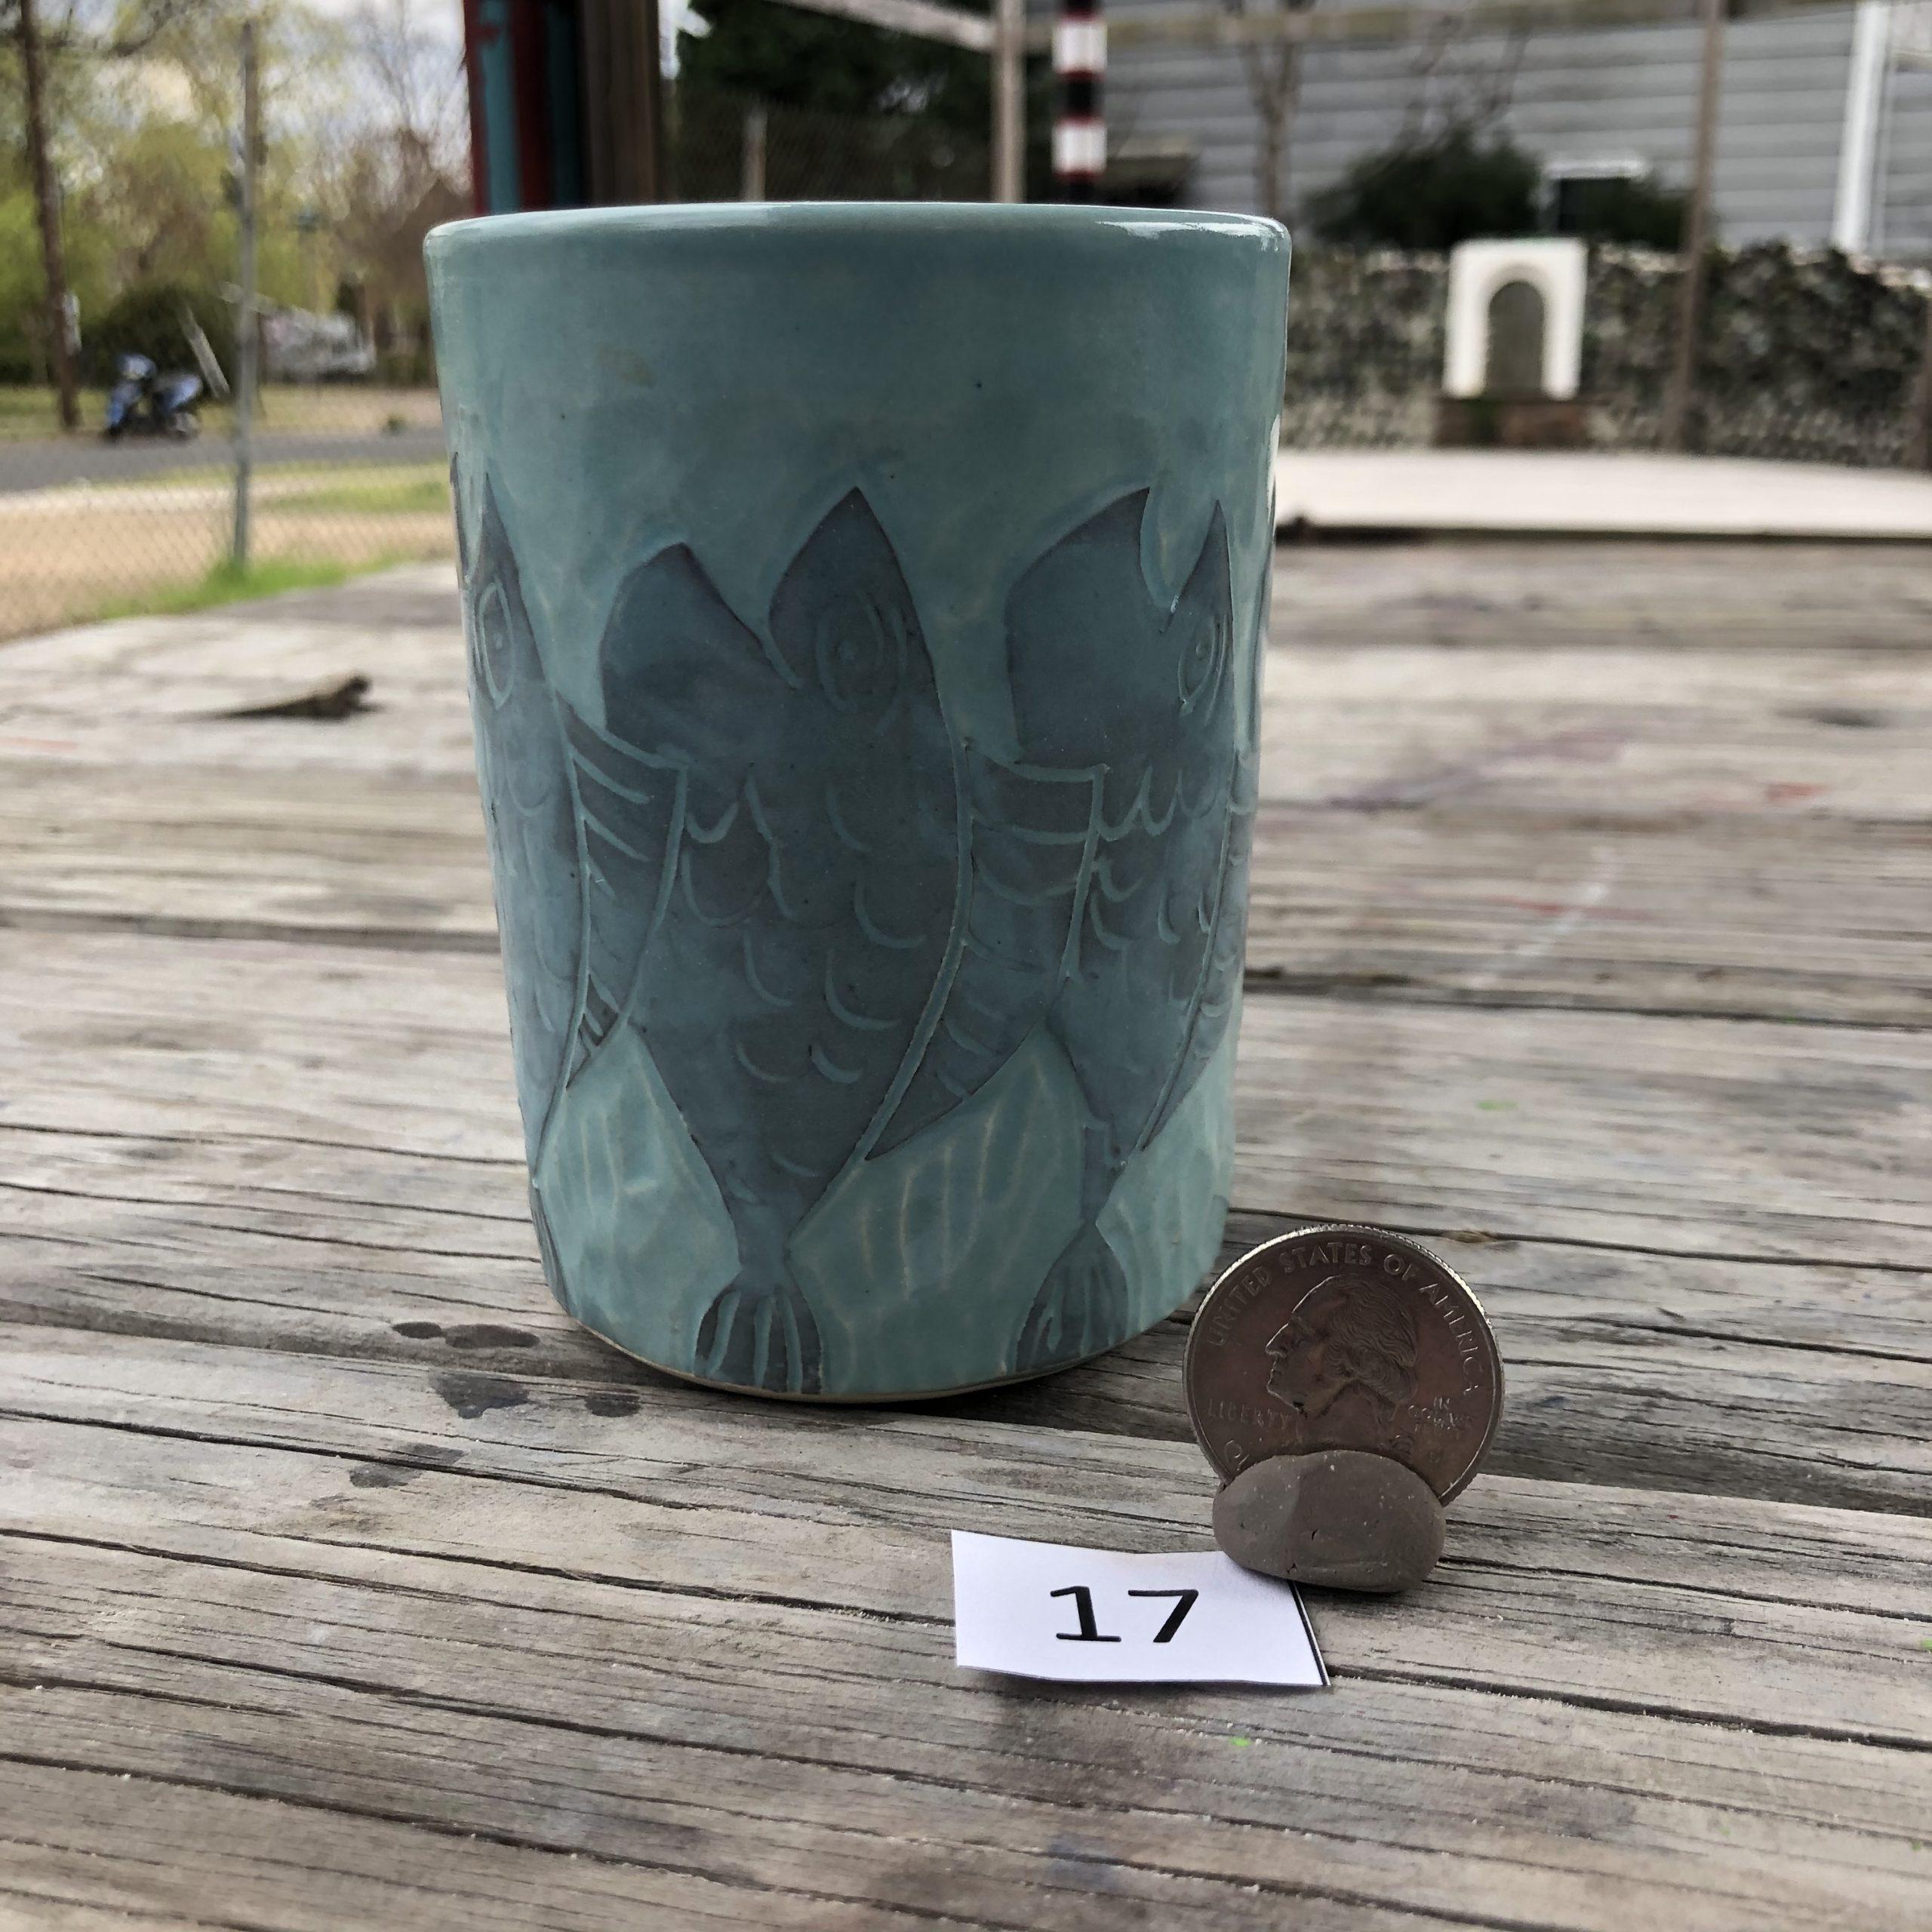 Neal Reed Stacked Fish Mug #17